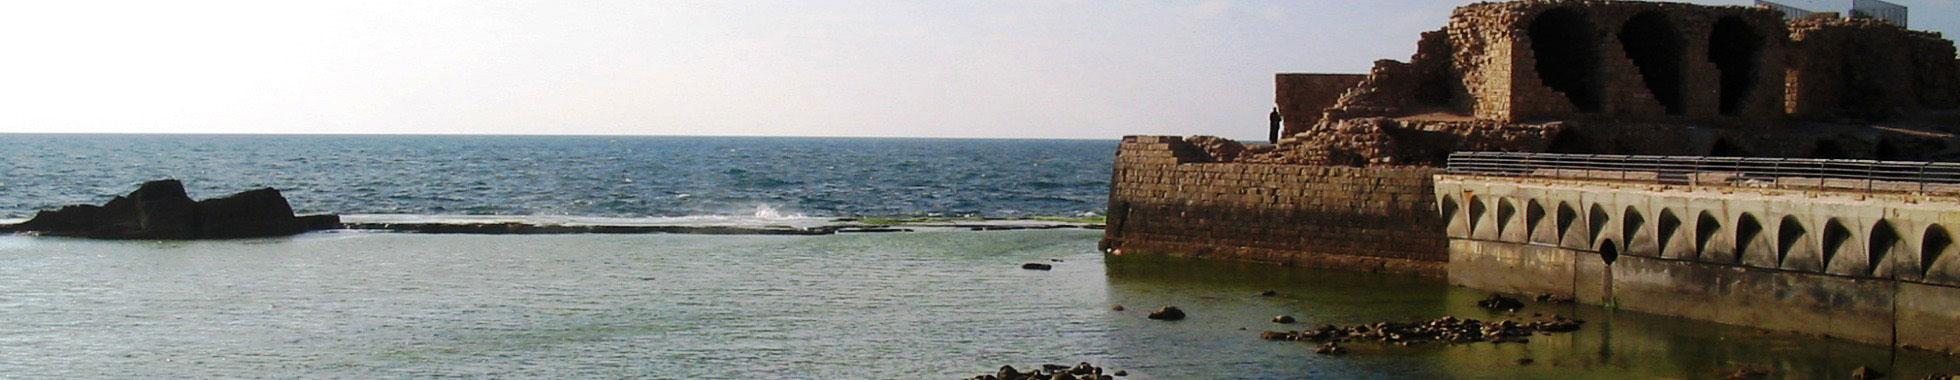 Med. Coast